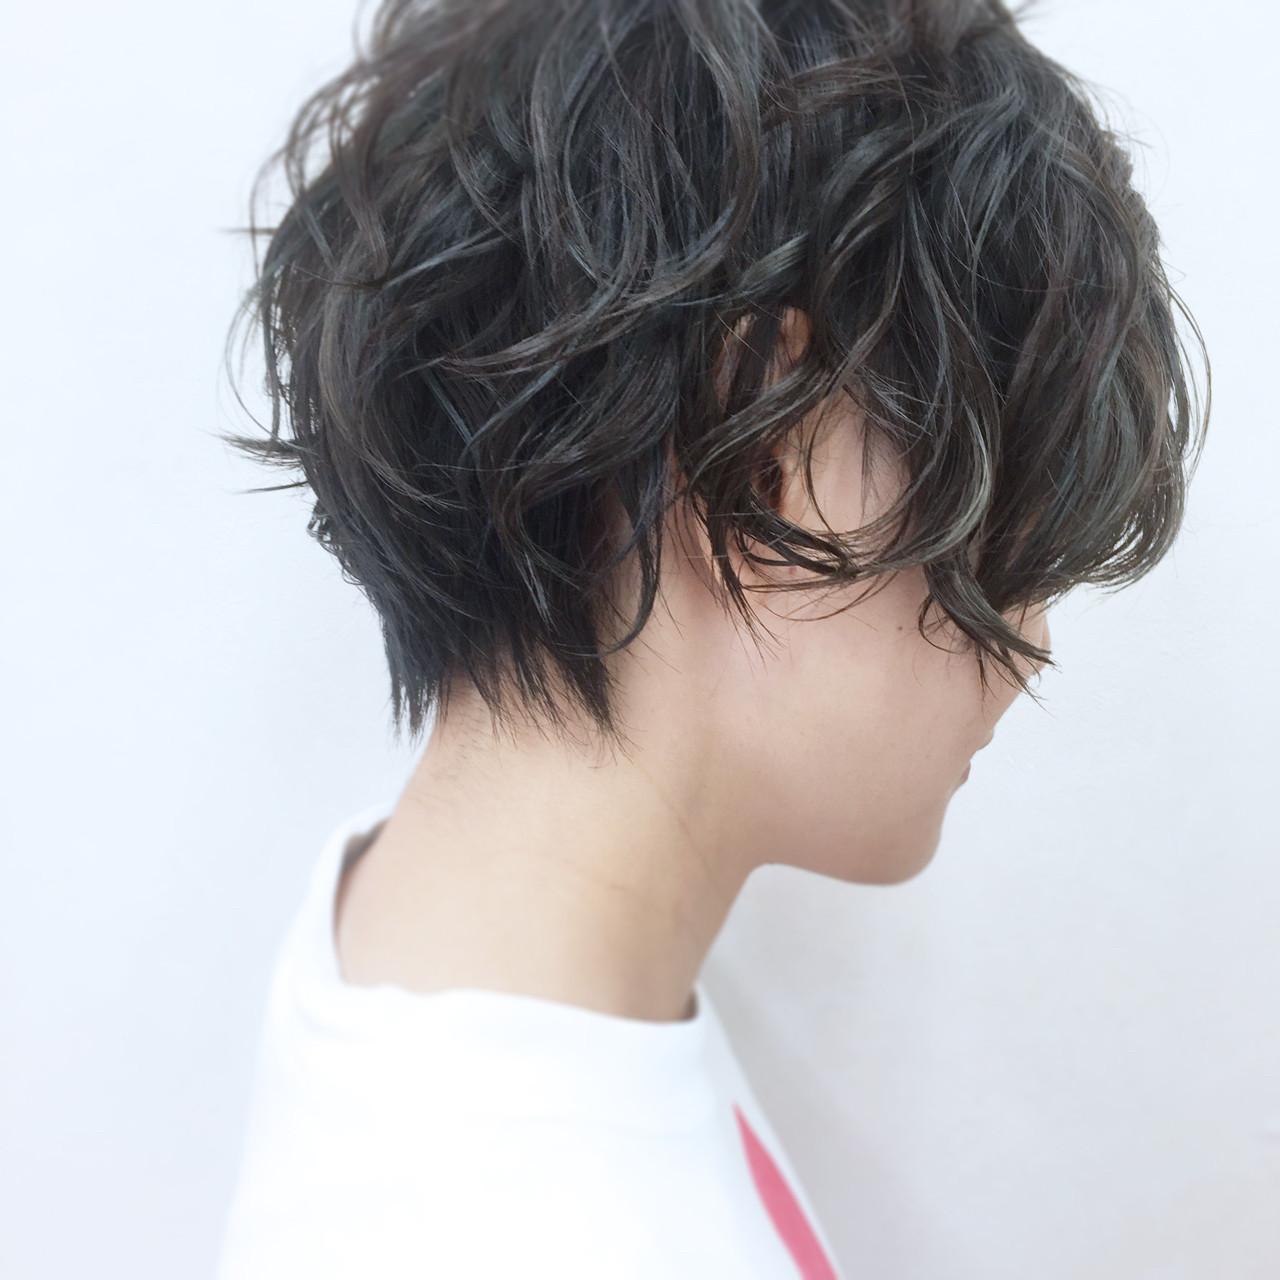 クールな黒髪ベースのマットグラデーション YSO | 電髪倶楽部street